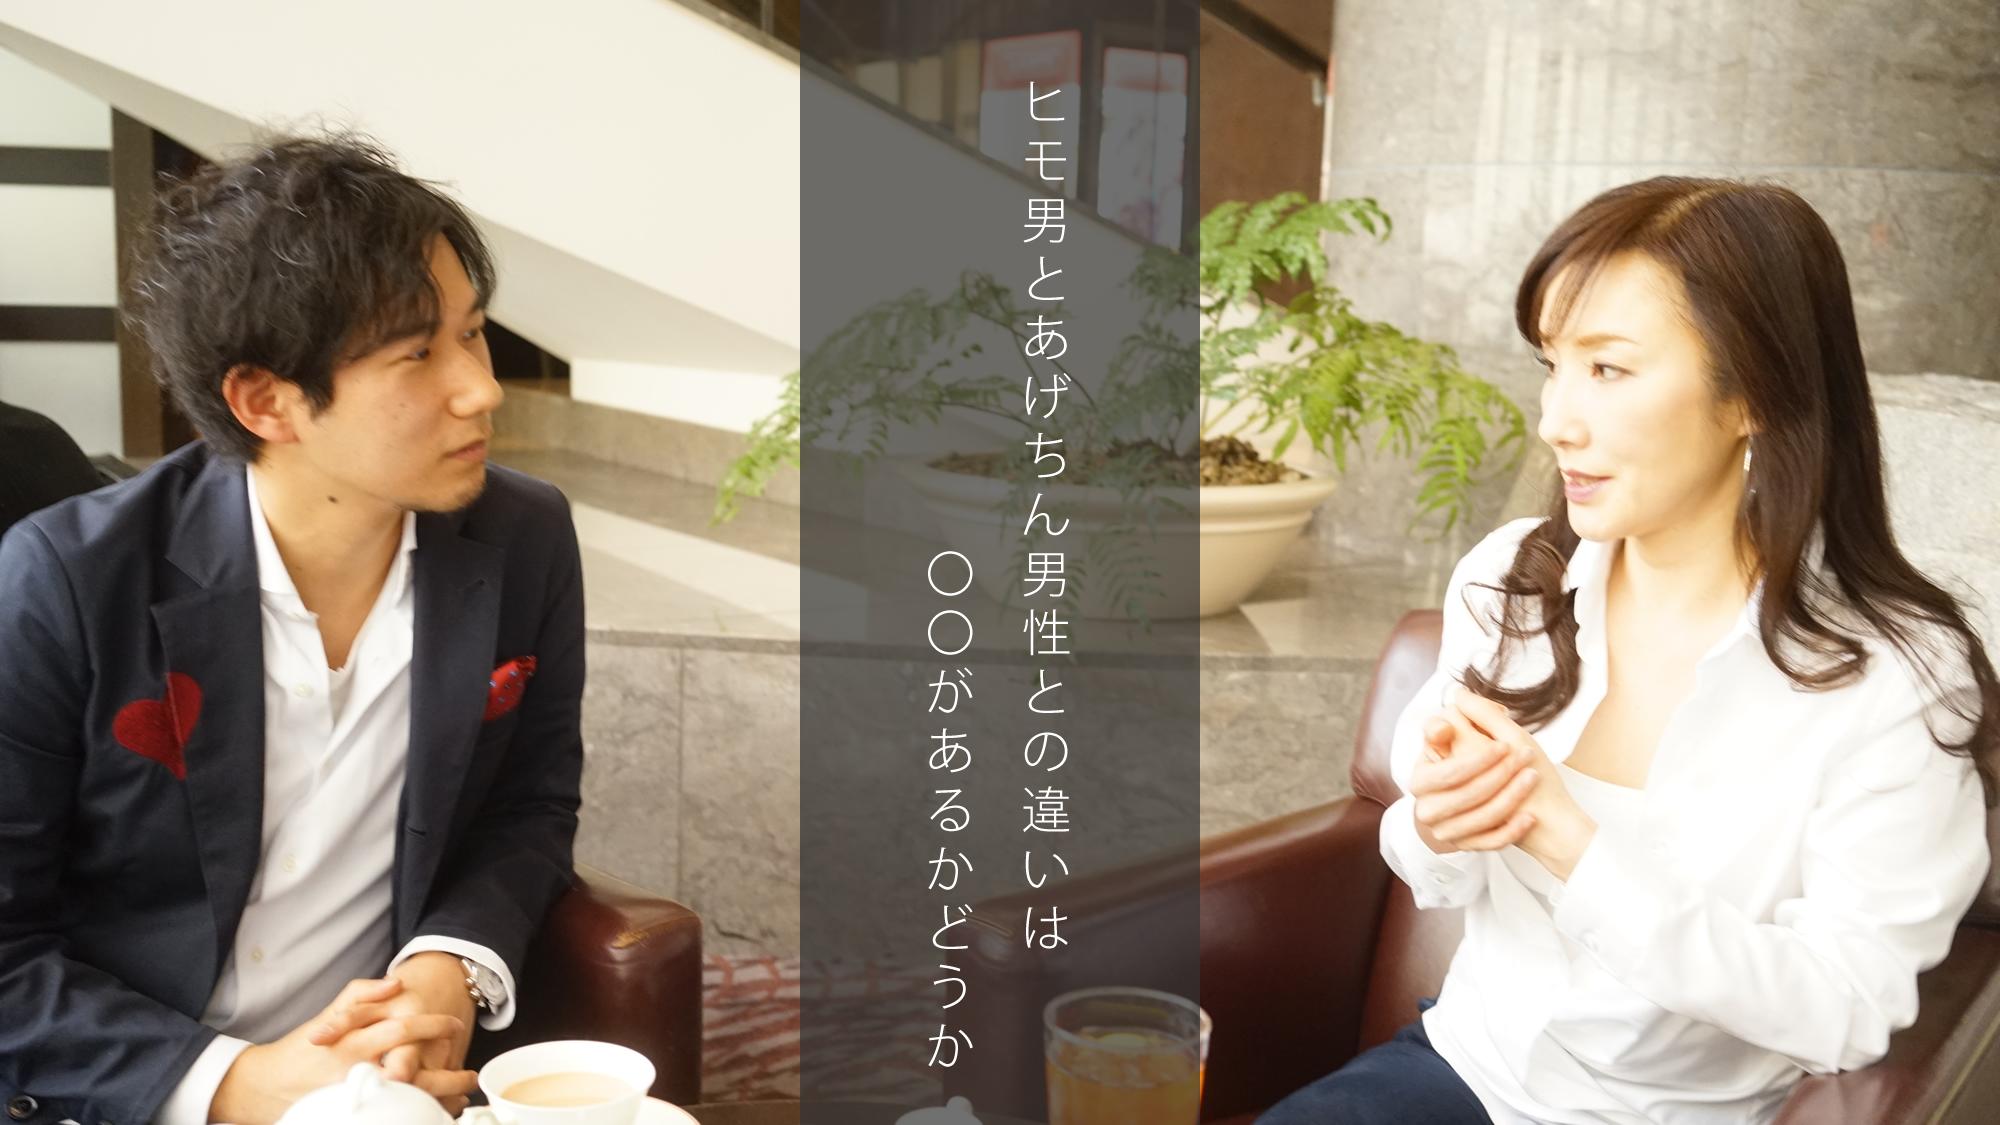 川崎貴子×中村あきら対談「ヒモ男とあげちん男性との違いは、〇〇があるかどうか!」